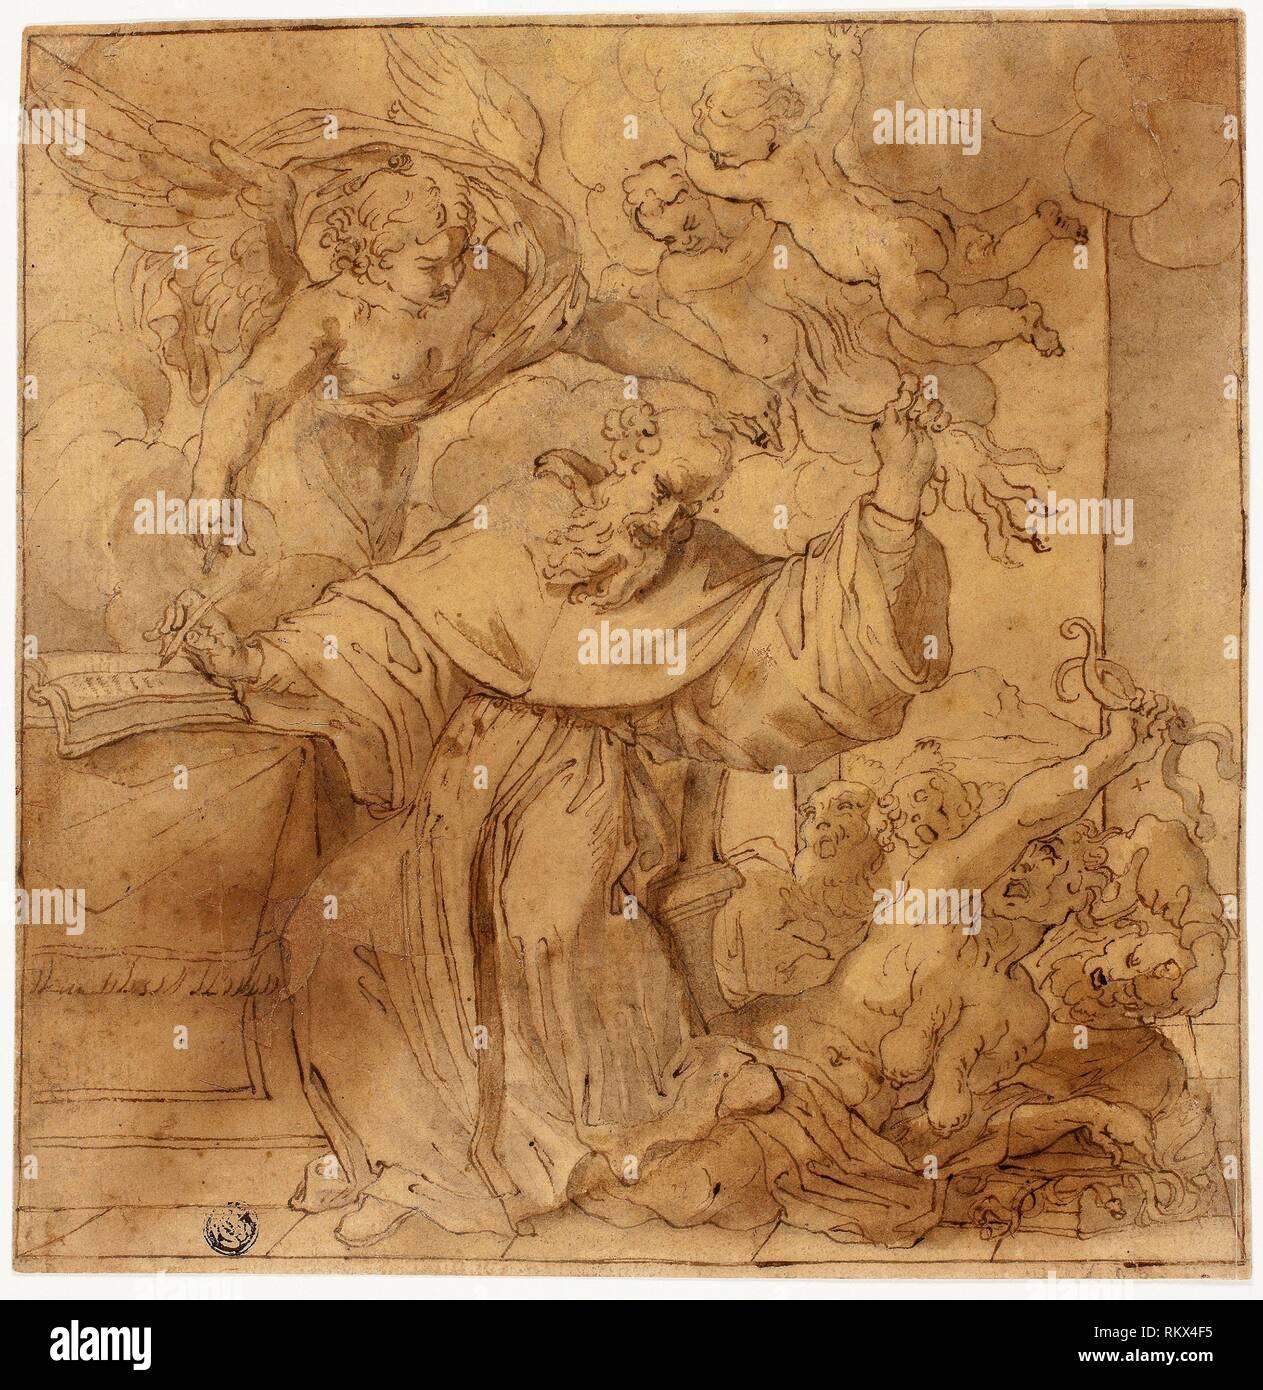 La Tentation de Saint Antoine - l'école peut-être de la famille Carracci (italien, s'est épanouie 16ème-17ème siècle) ou éventuellement Lodovico Carracci (Italien, Photo Stock